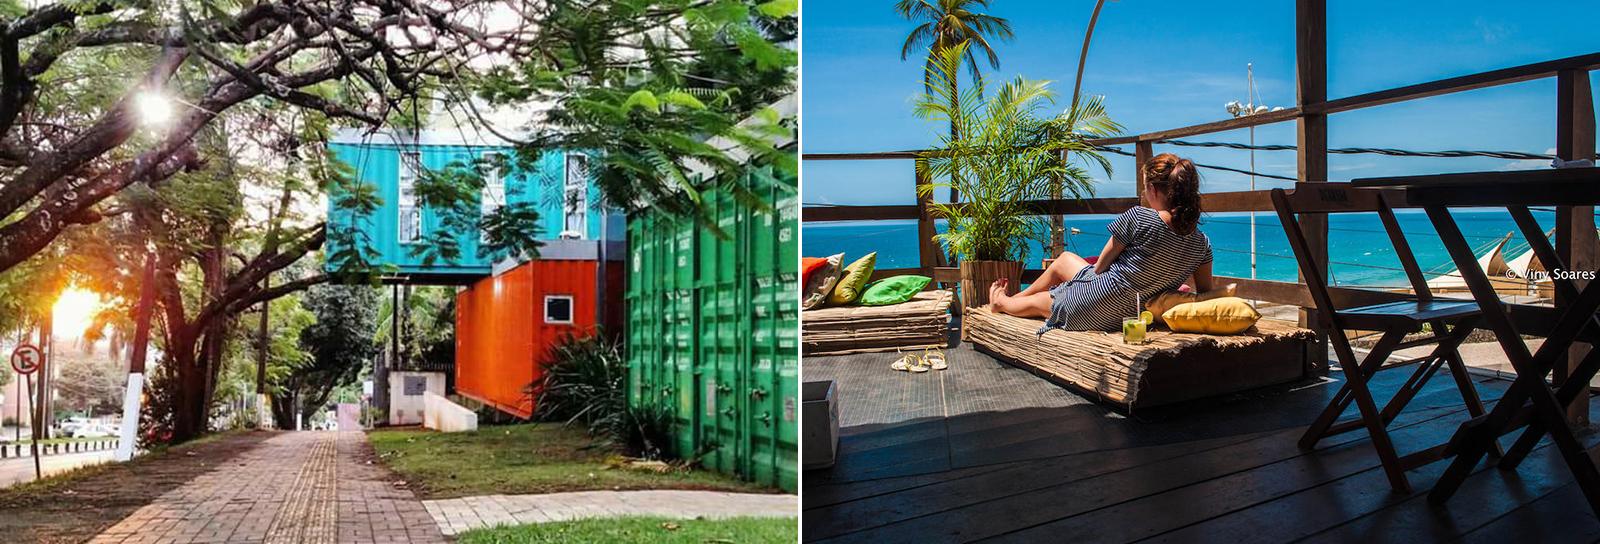 5 hostels descolados para curtir as 5 regiões do Brasil